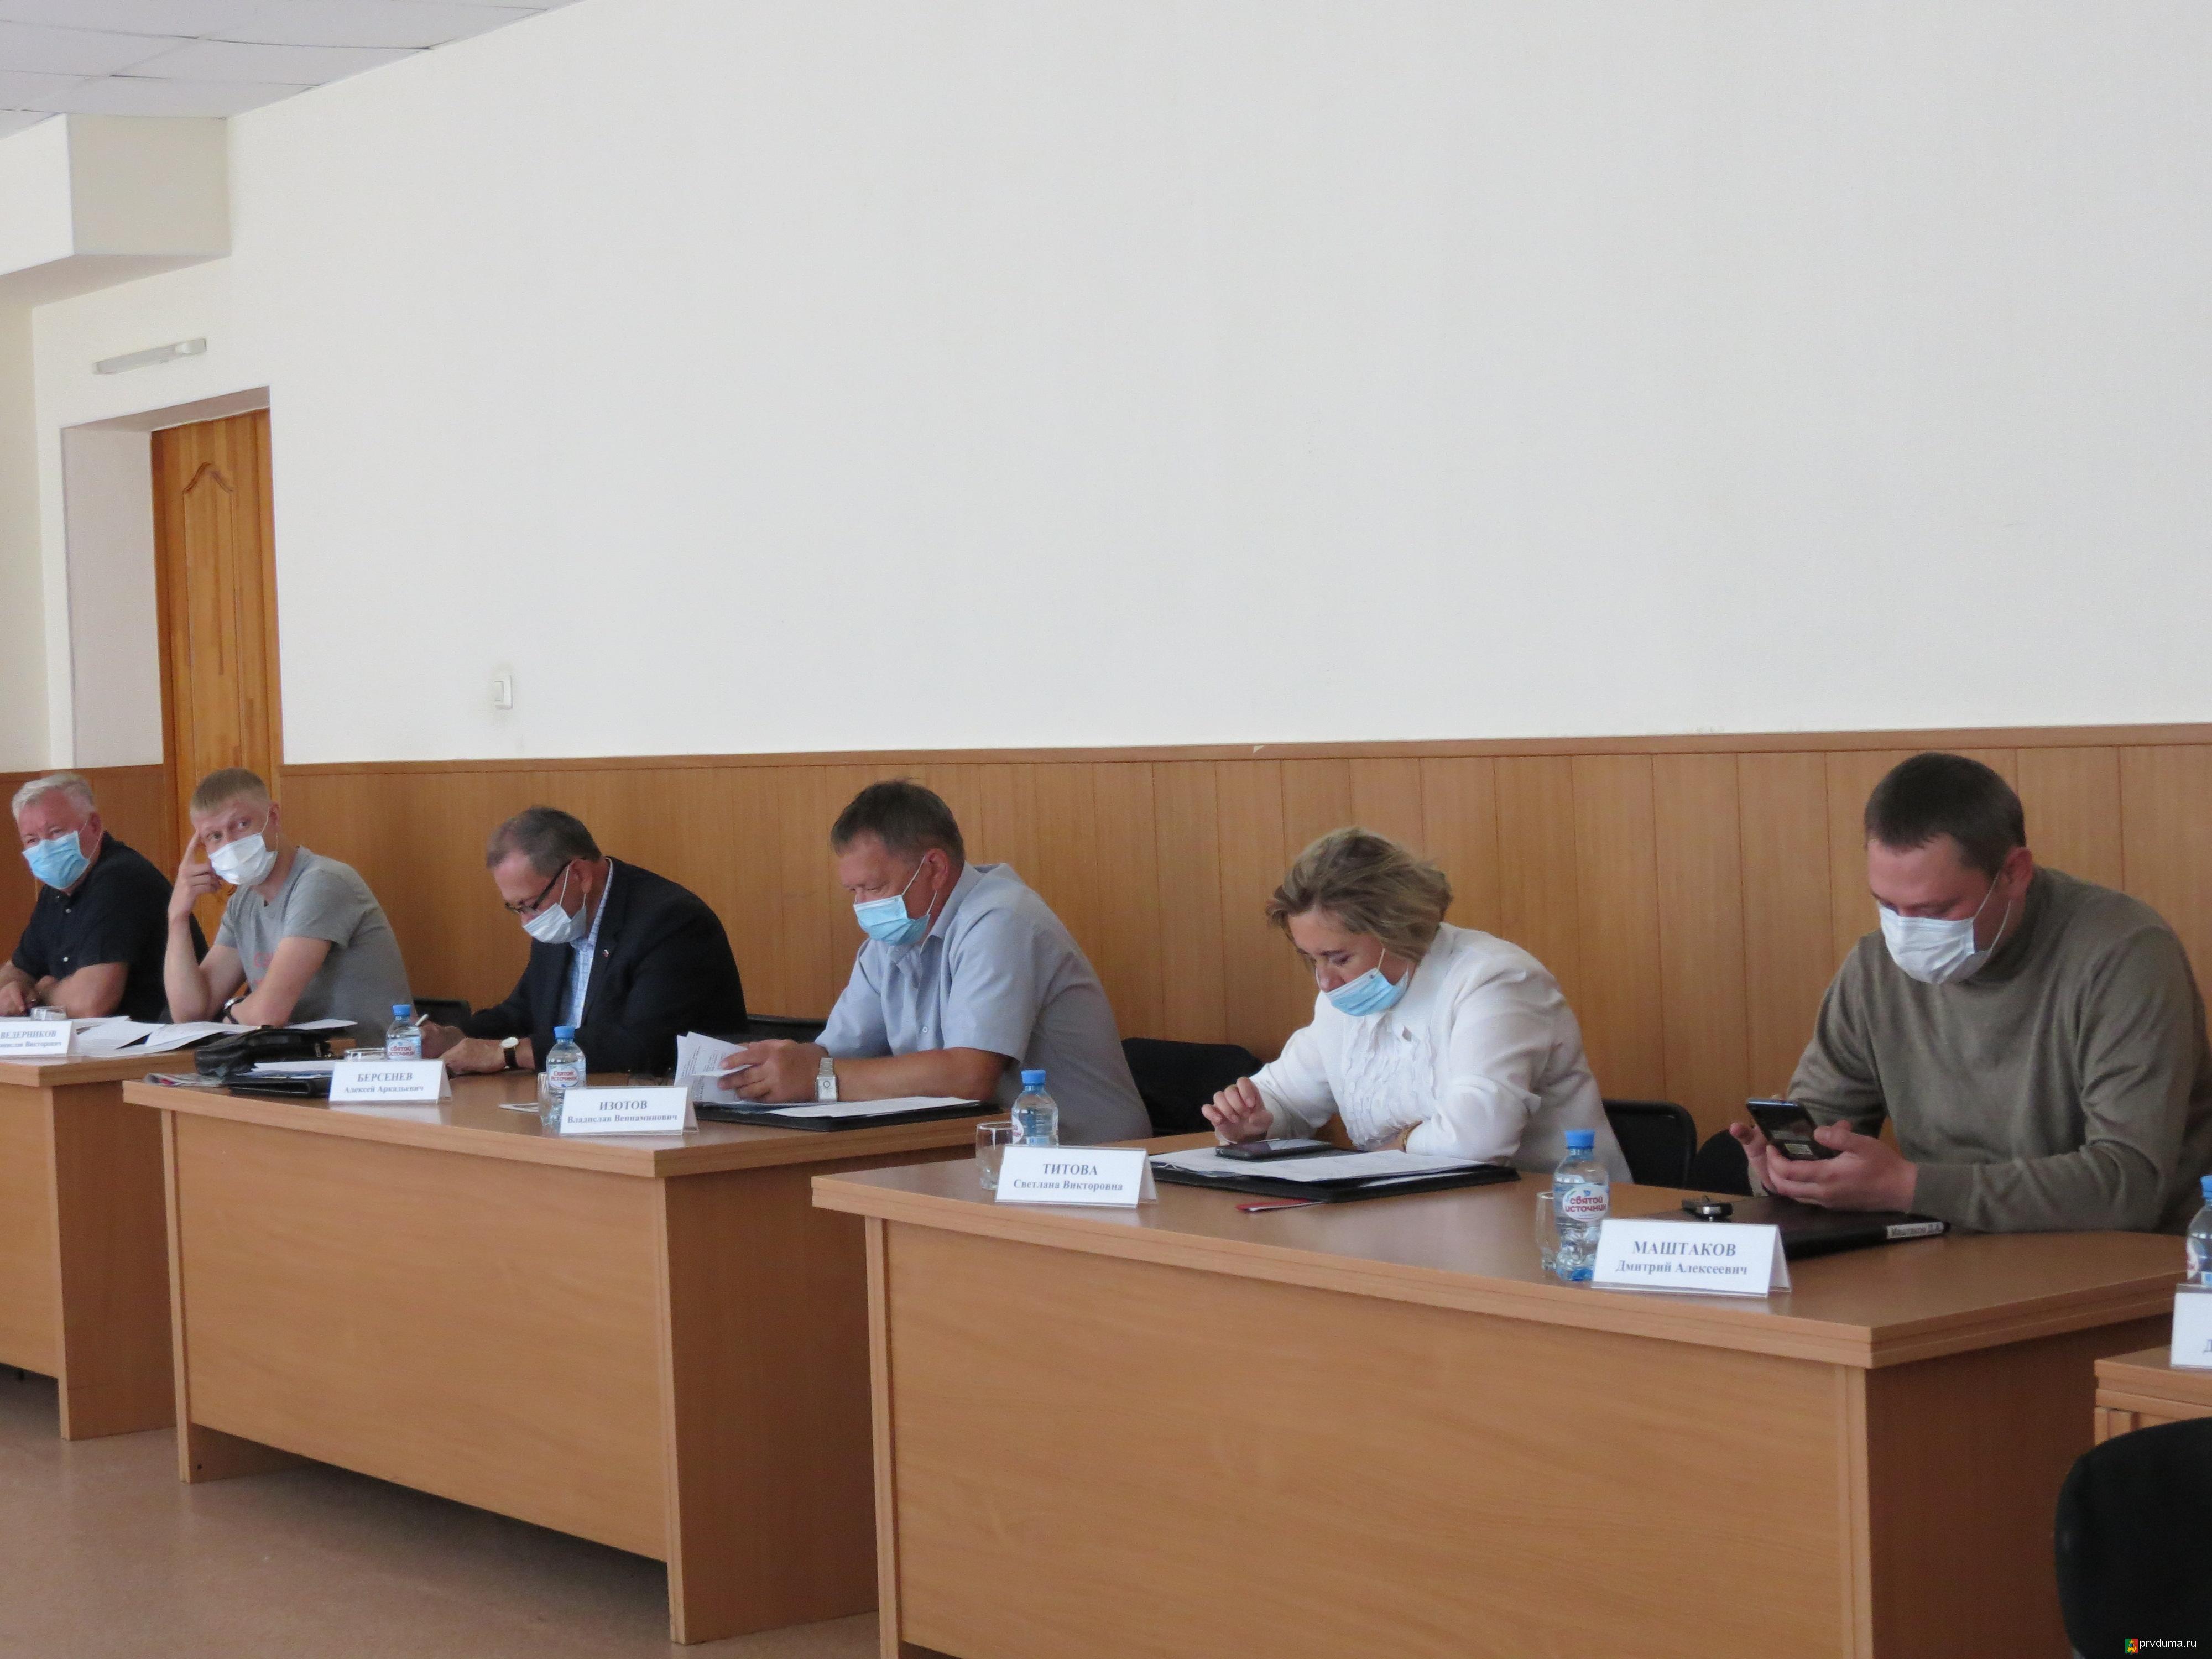 Депутаты ознакомились с  информацией  о ходе подготовки к отопительному сезону